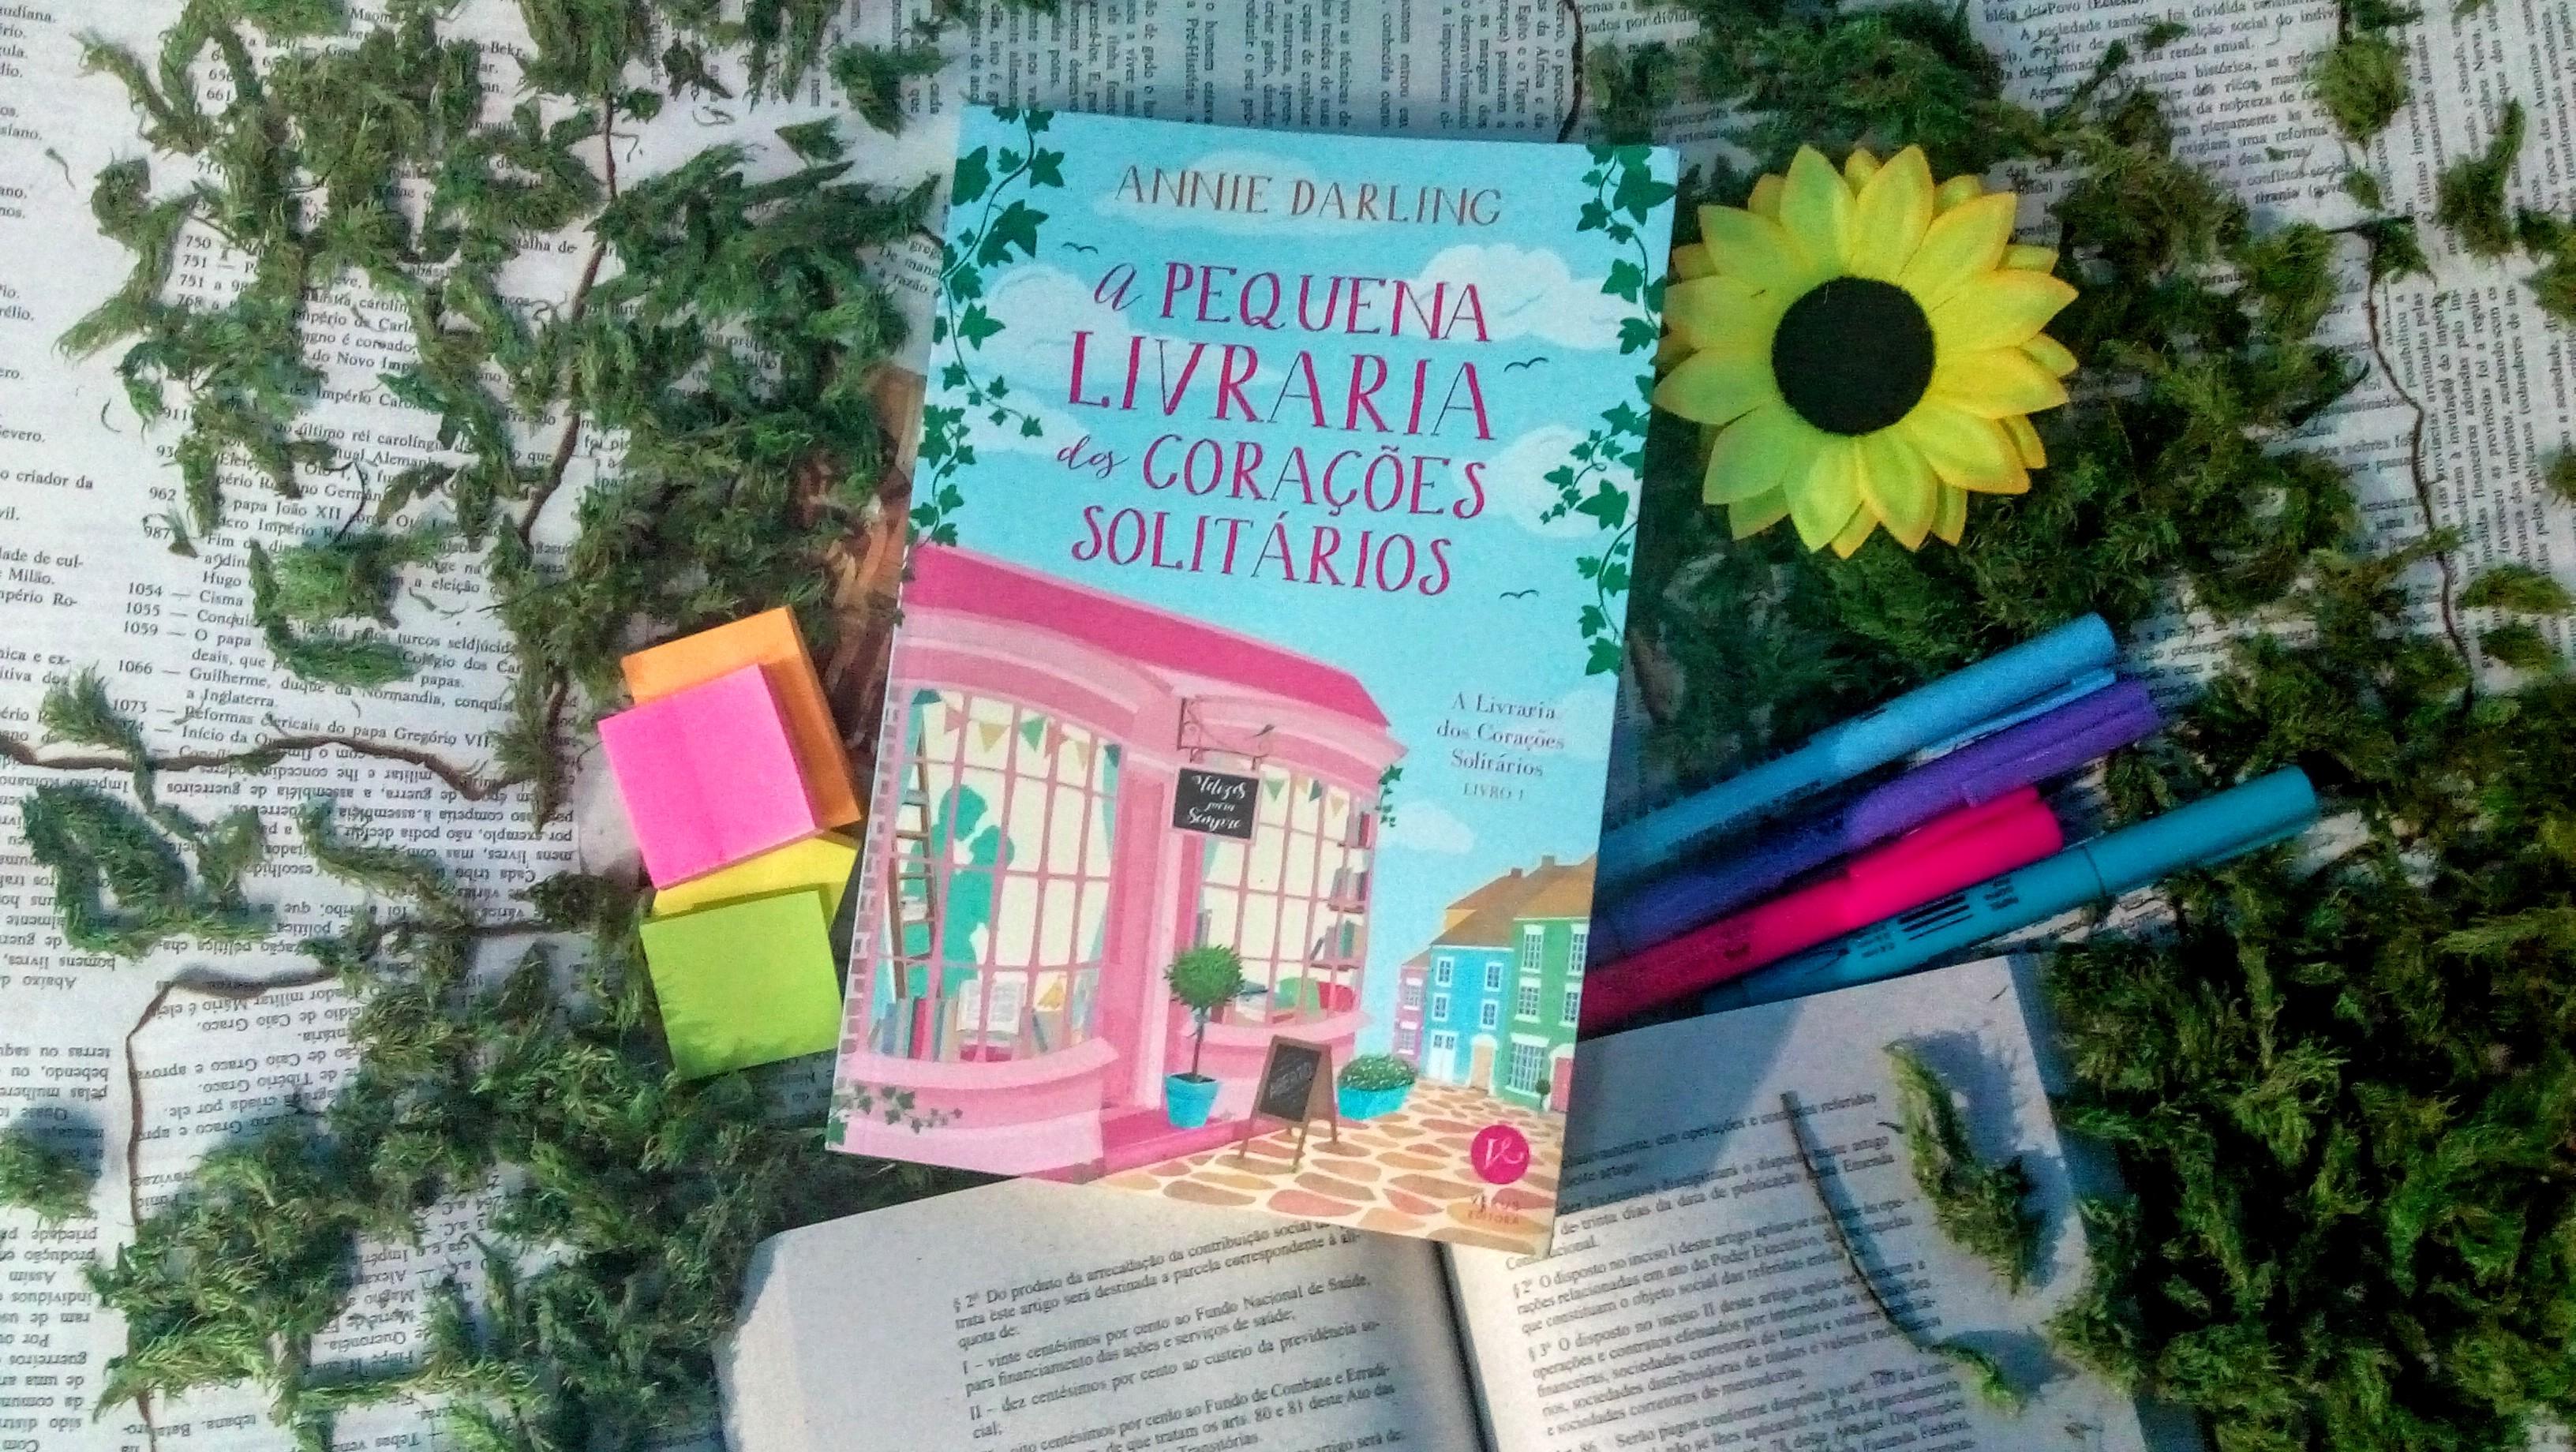 a pequena livraria dos corações solitários, annie darling, eu amo ler, livros, série, felizes para sempre, resenha, belezadelivros, beleza de livros